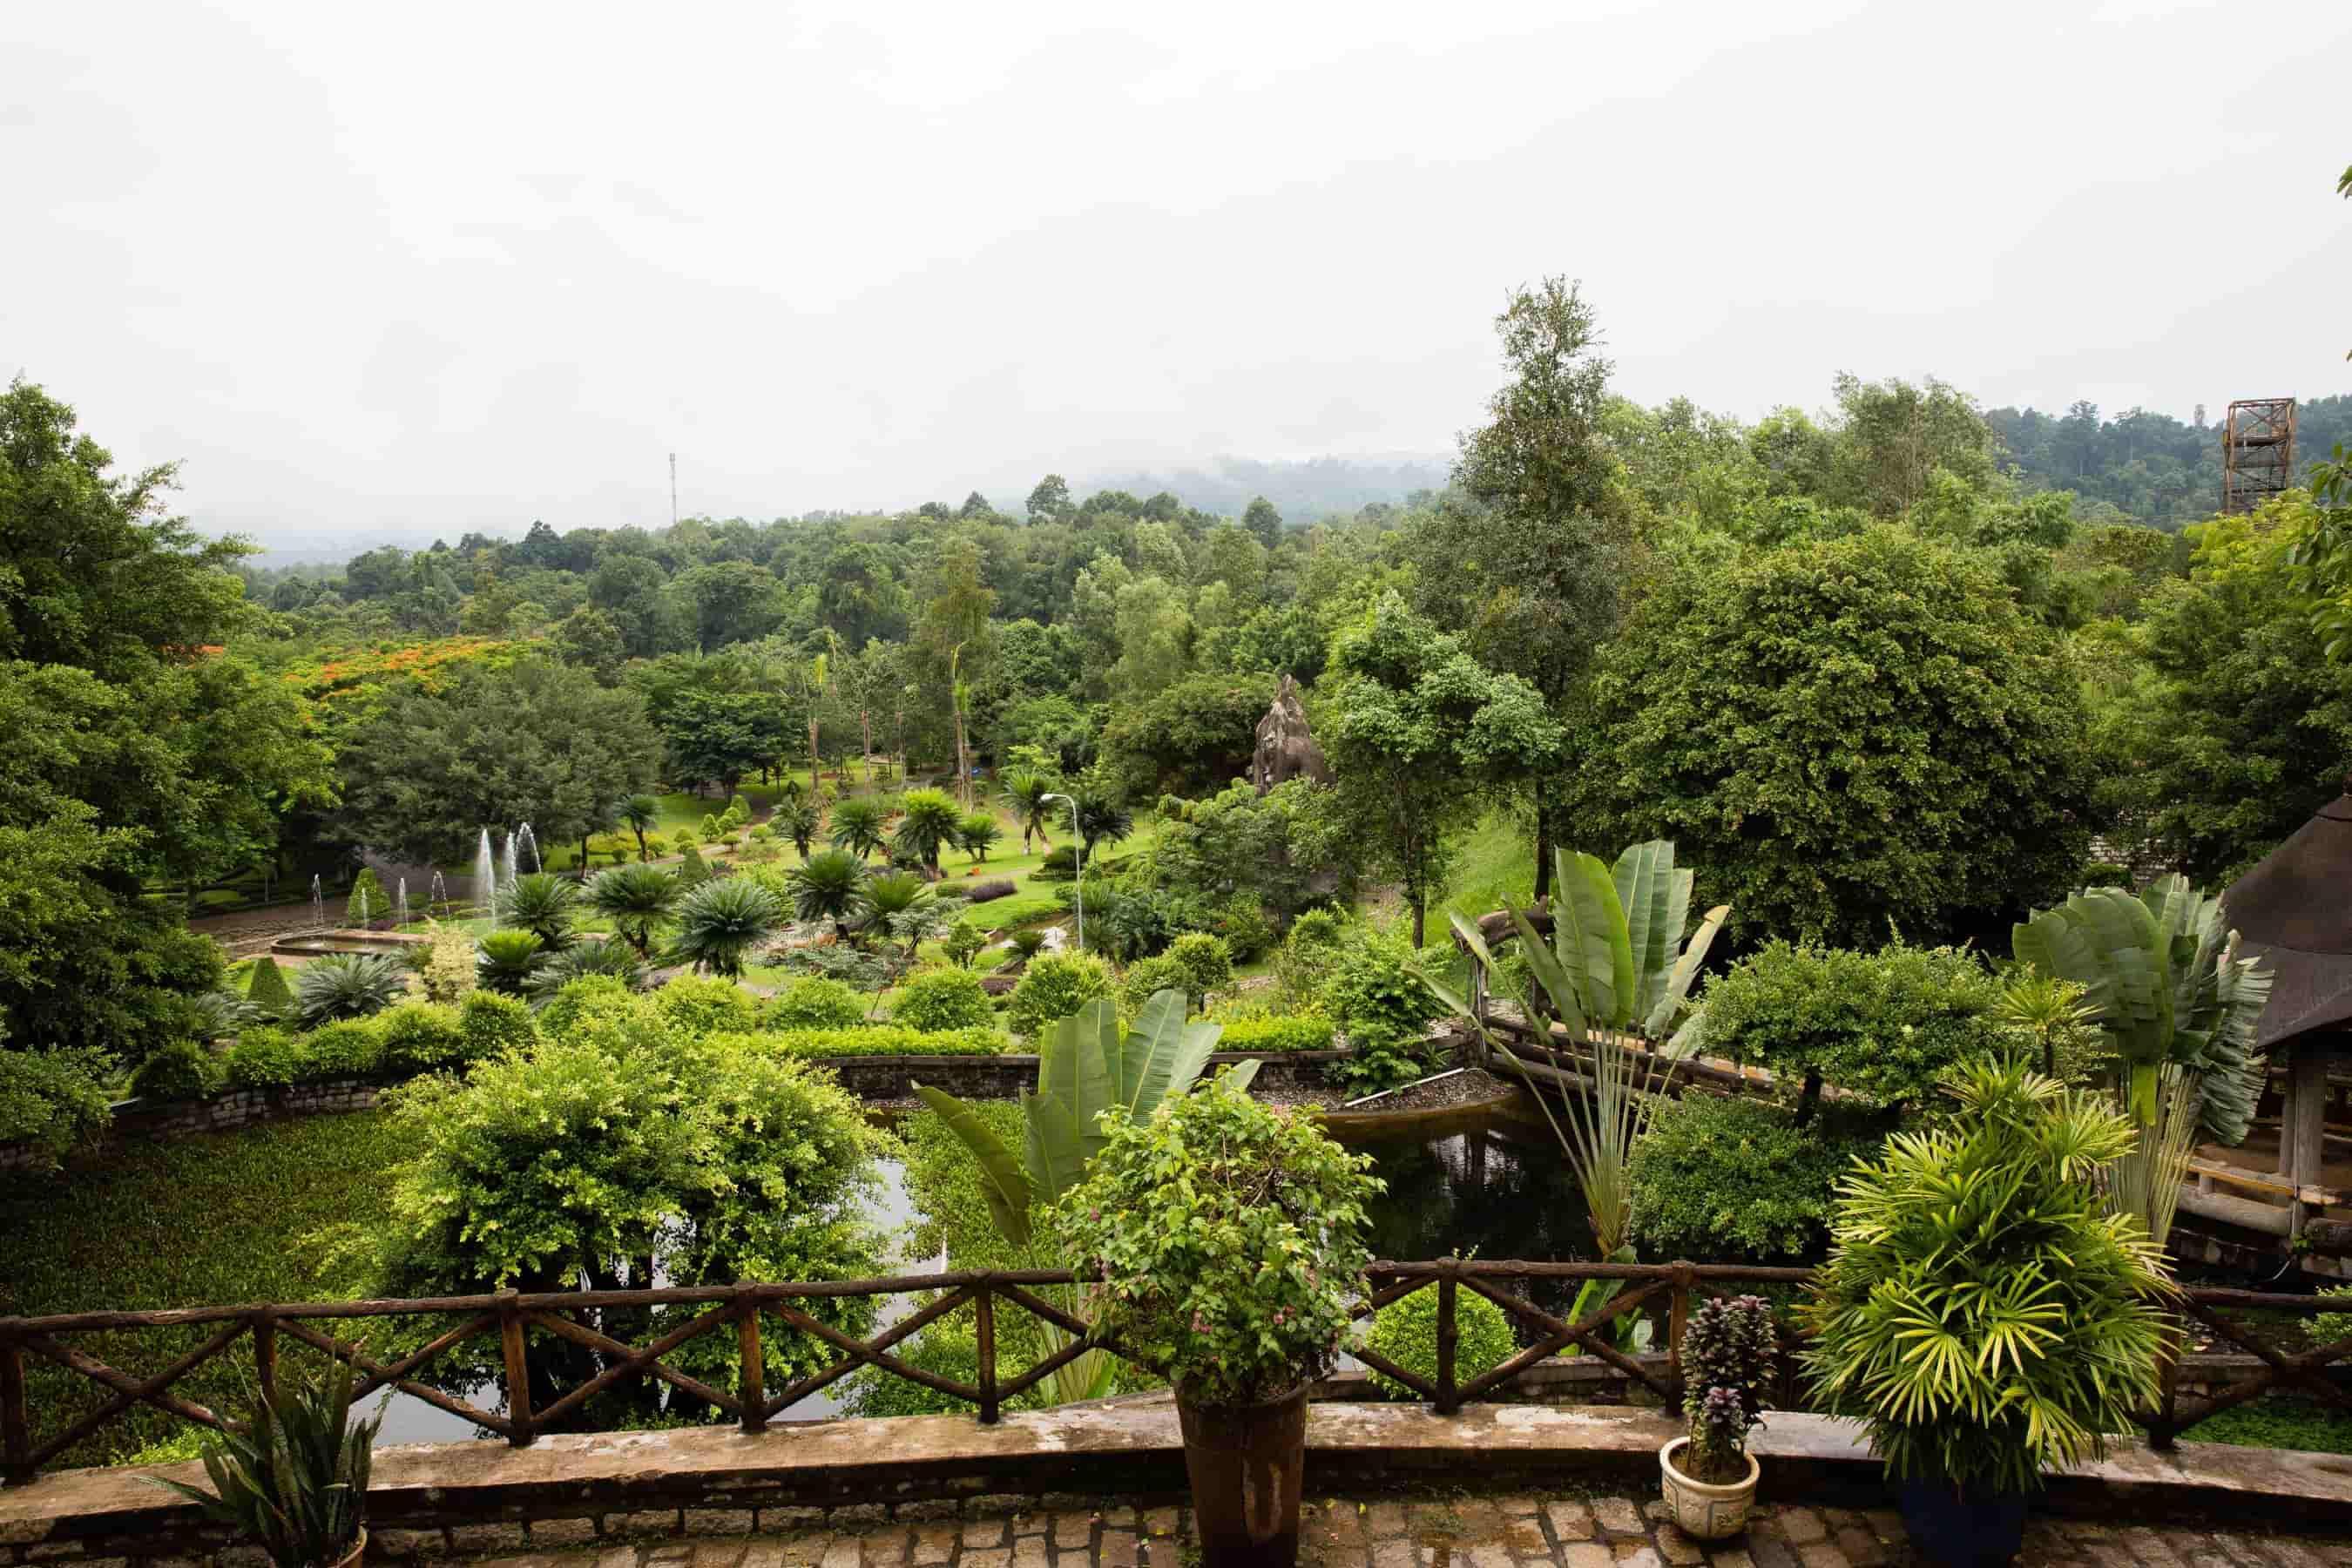 khám phá khu du lịch Madagui Lâm Đồng